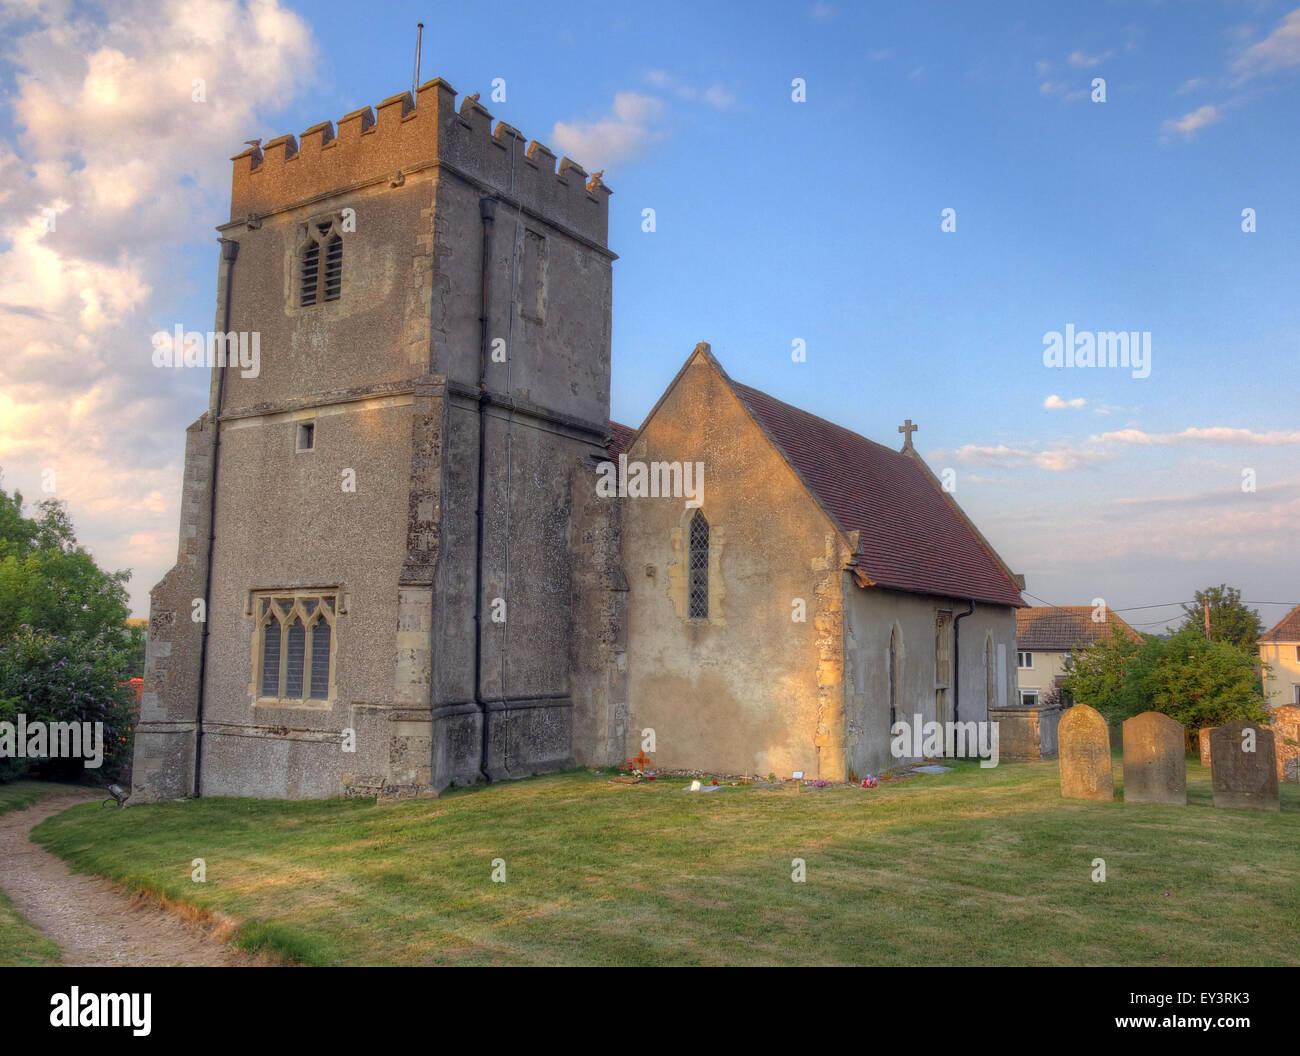 Laden Sie dieses Alamy Stockfoto St. Mary Church, East Ilsley, Berkshire, England, UK am Abend - mittelalterliche Stein Bau - EY3RK3